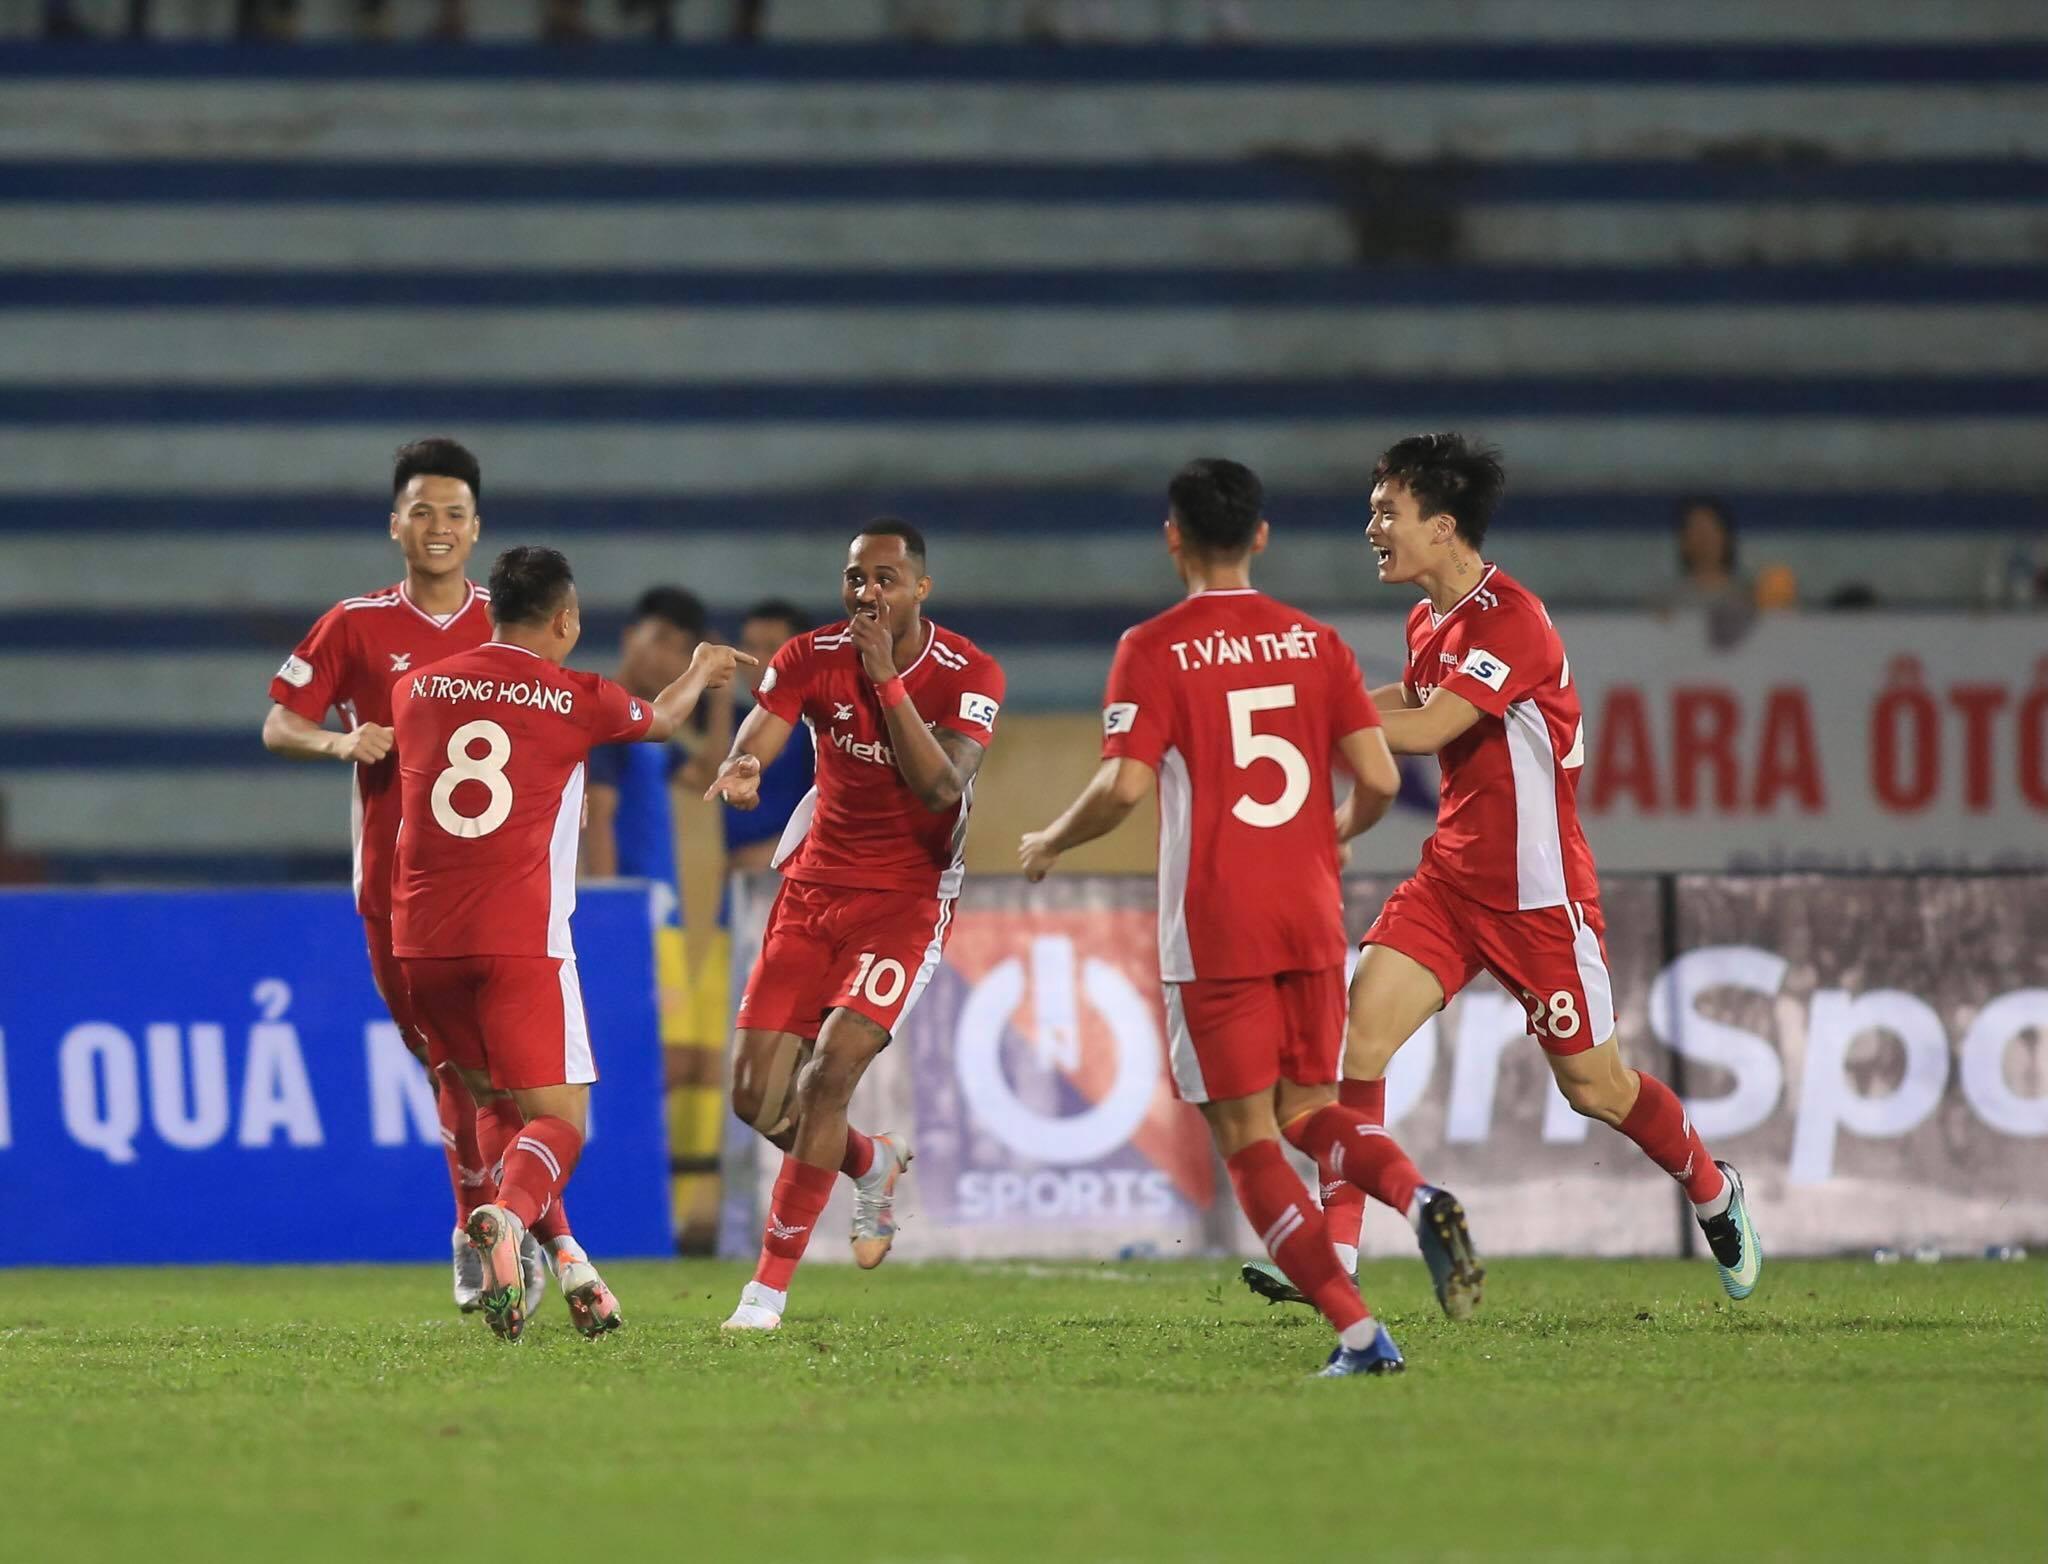 Cầu thủ Viettel ăn mừng bàn thắng nâng tỷ số lên 2-1 của Trọng Hoàng - Ảnh: Minh Tuấn